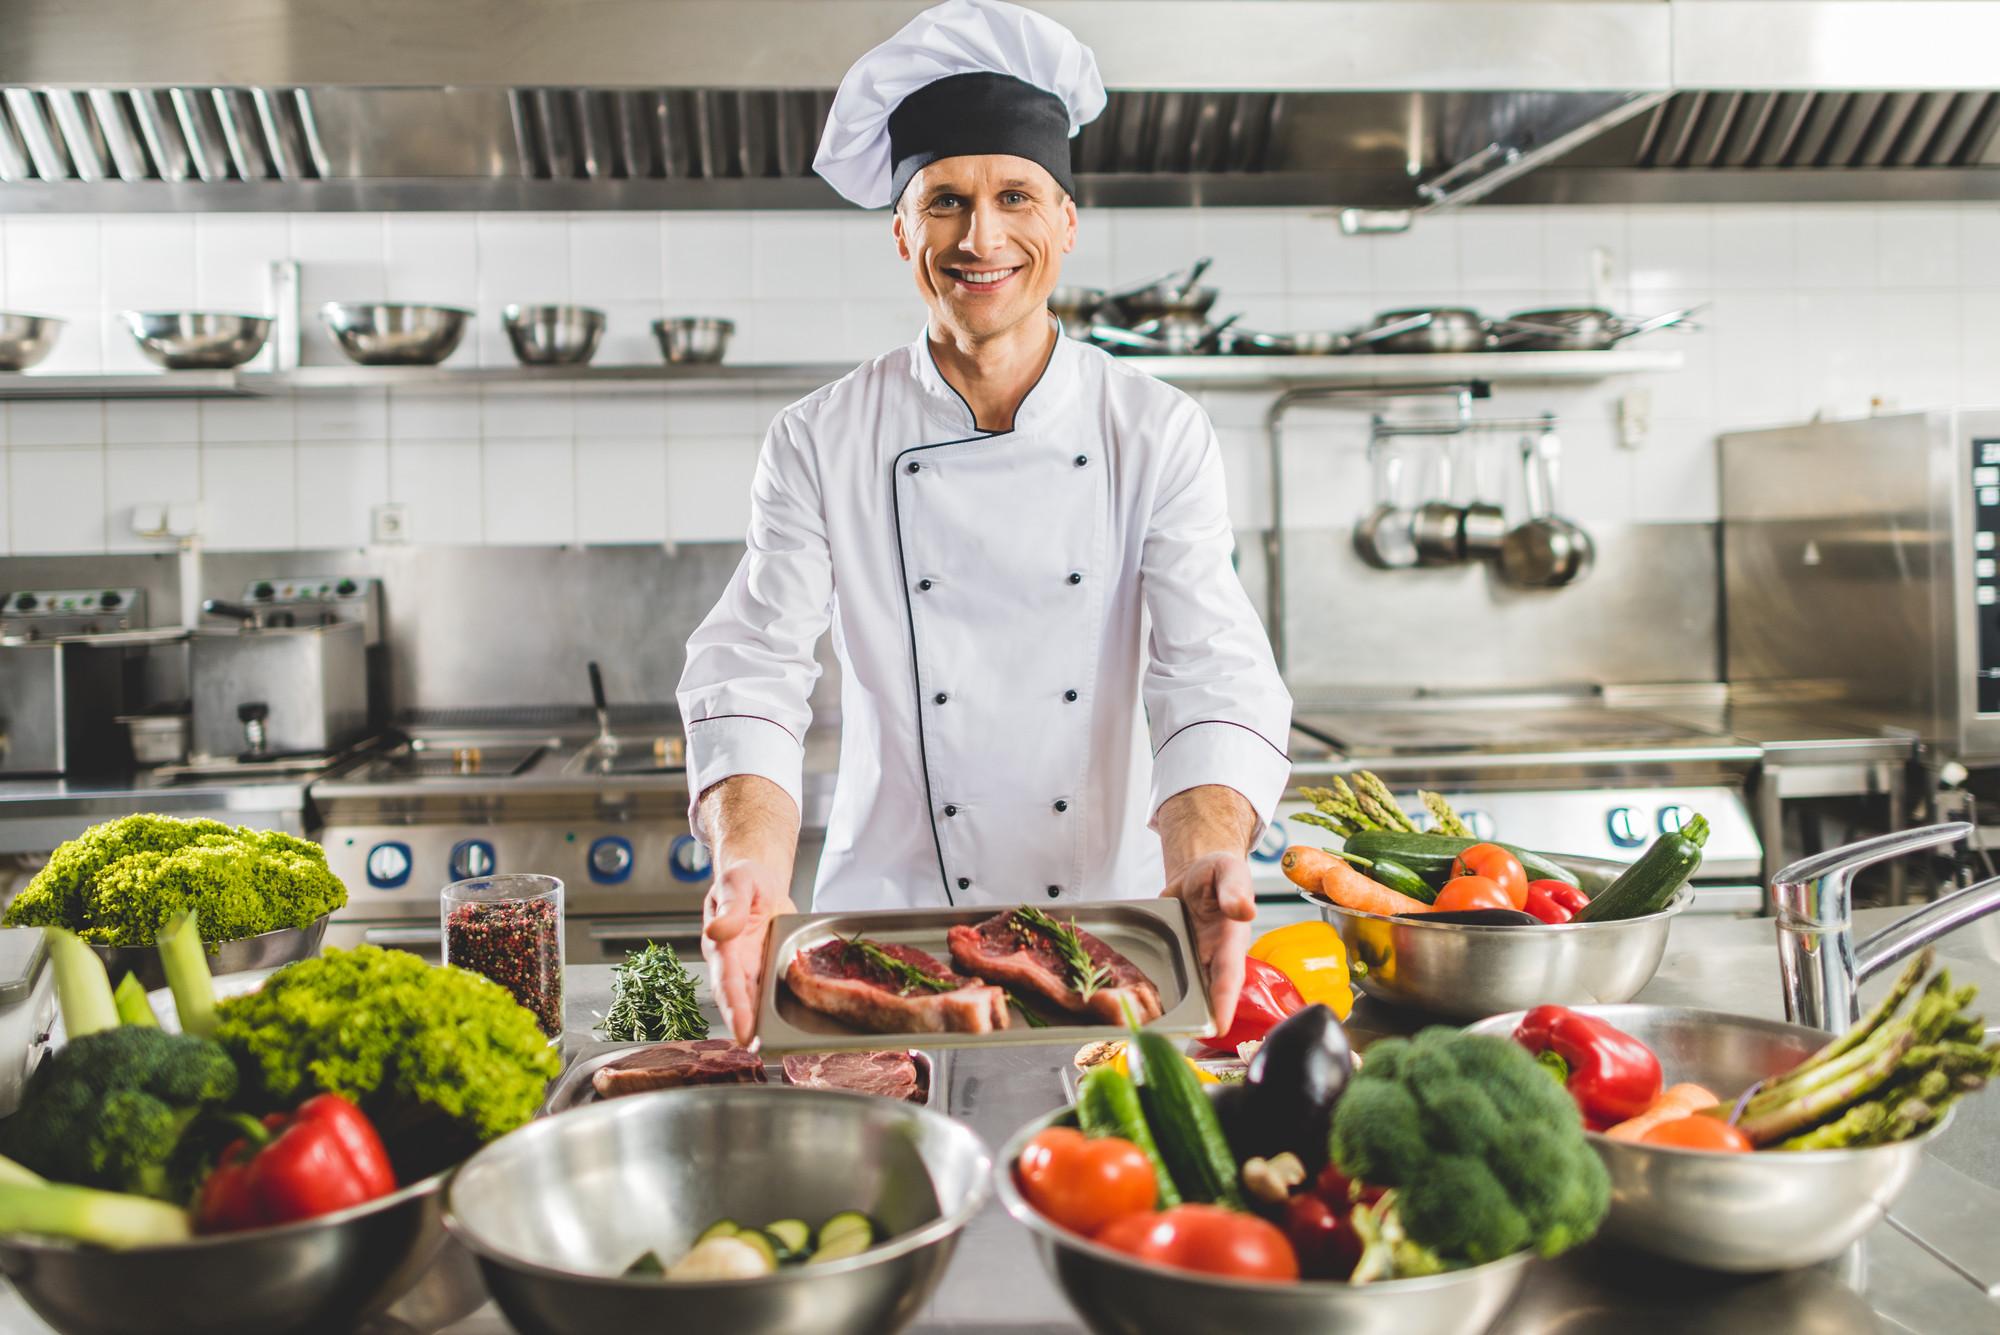 Почему считается, что лучшие повара - мужчины, и правда ли это?